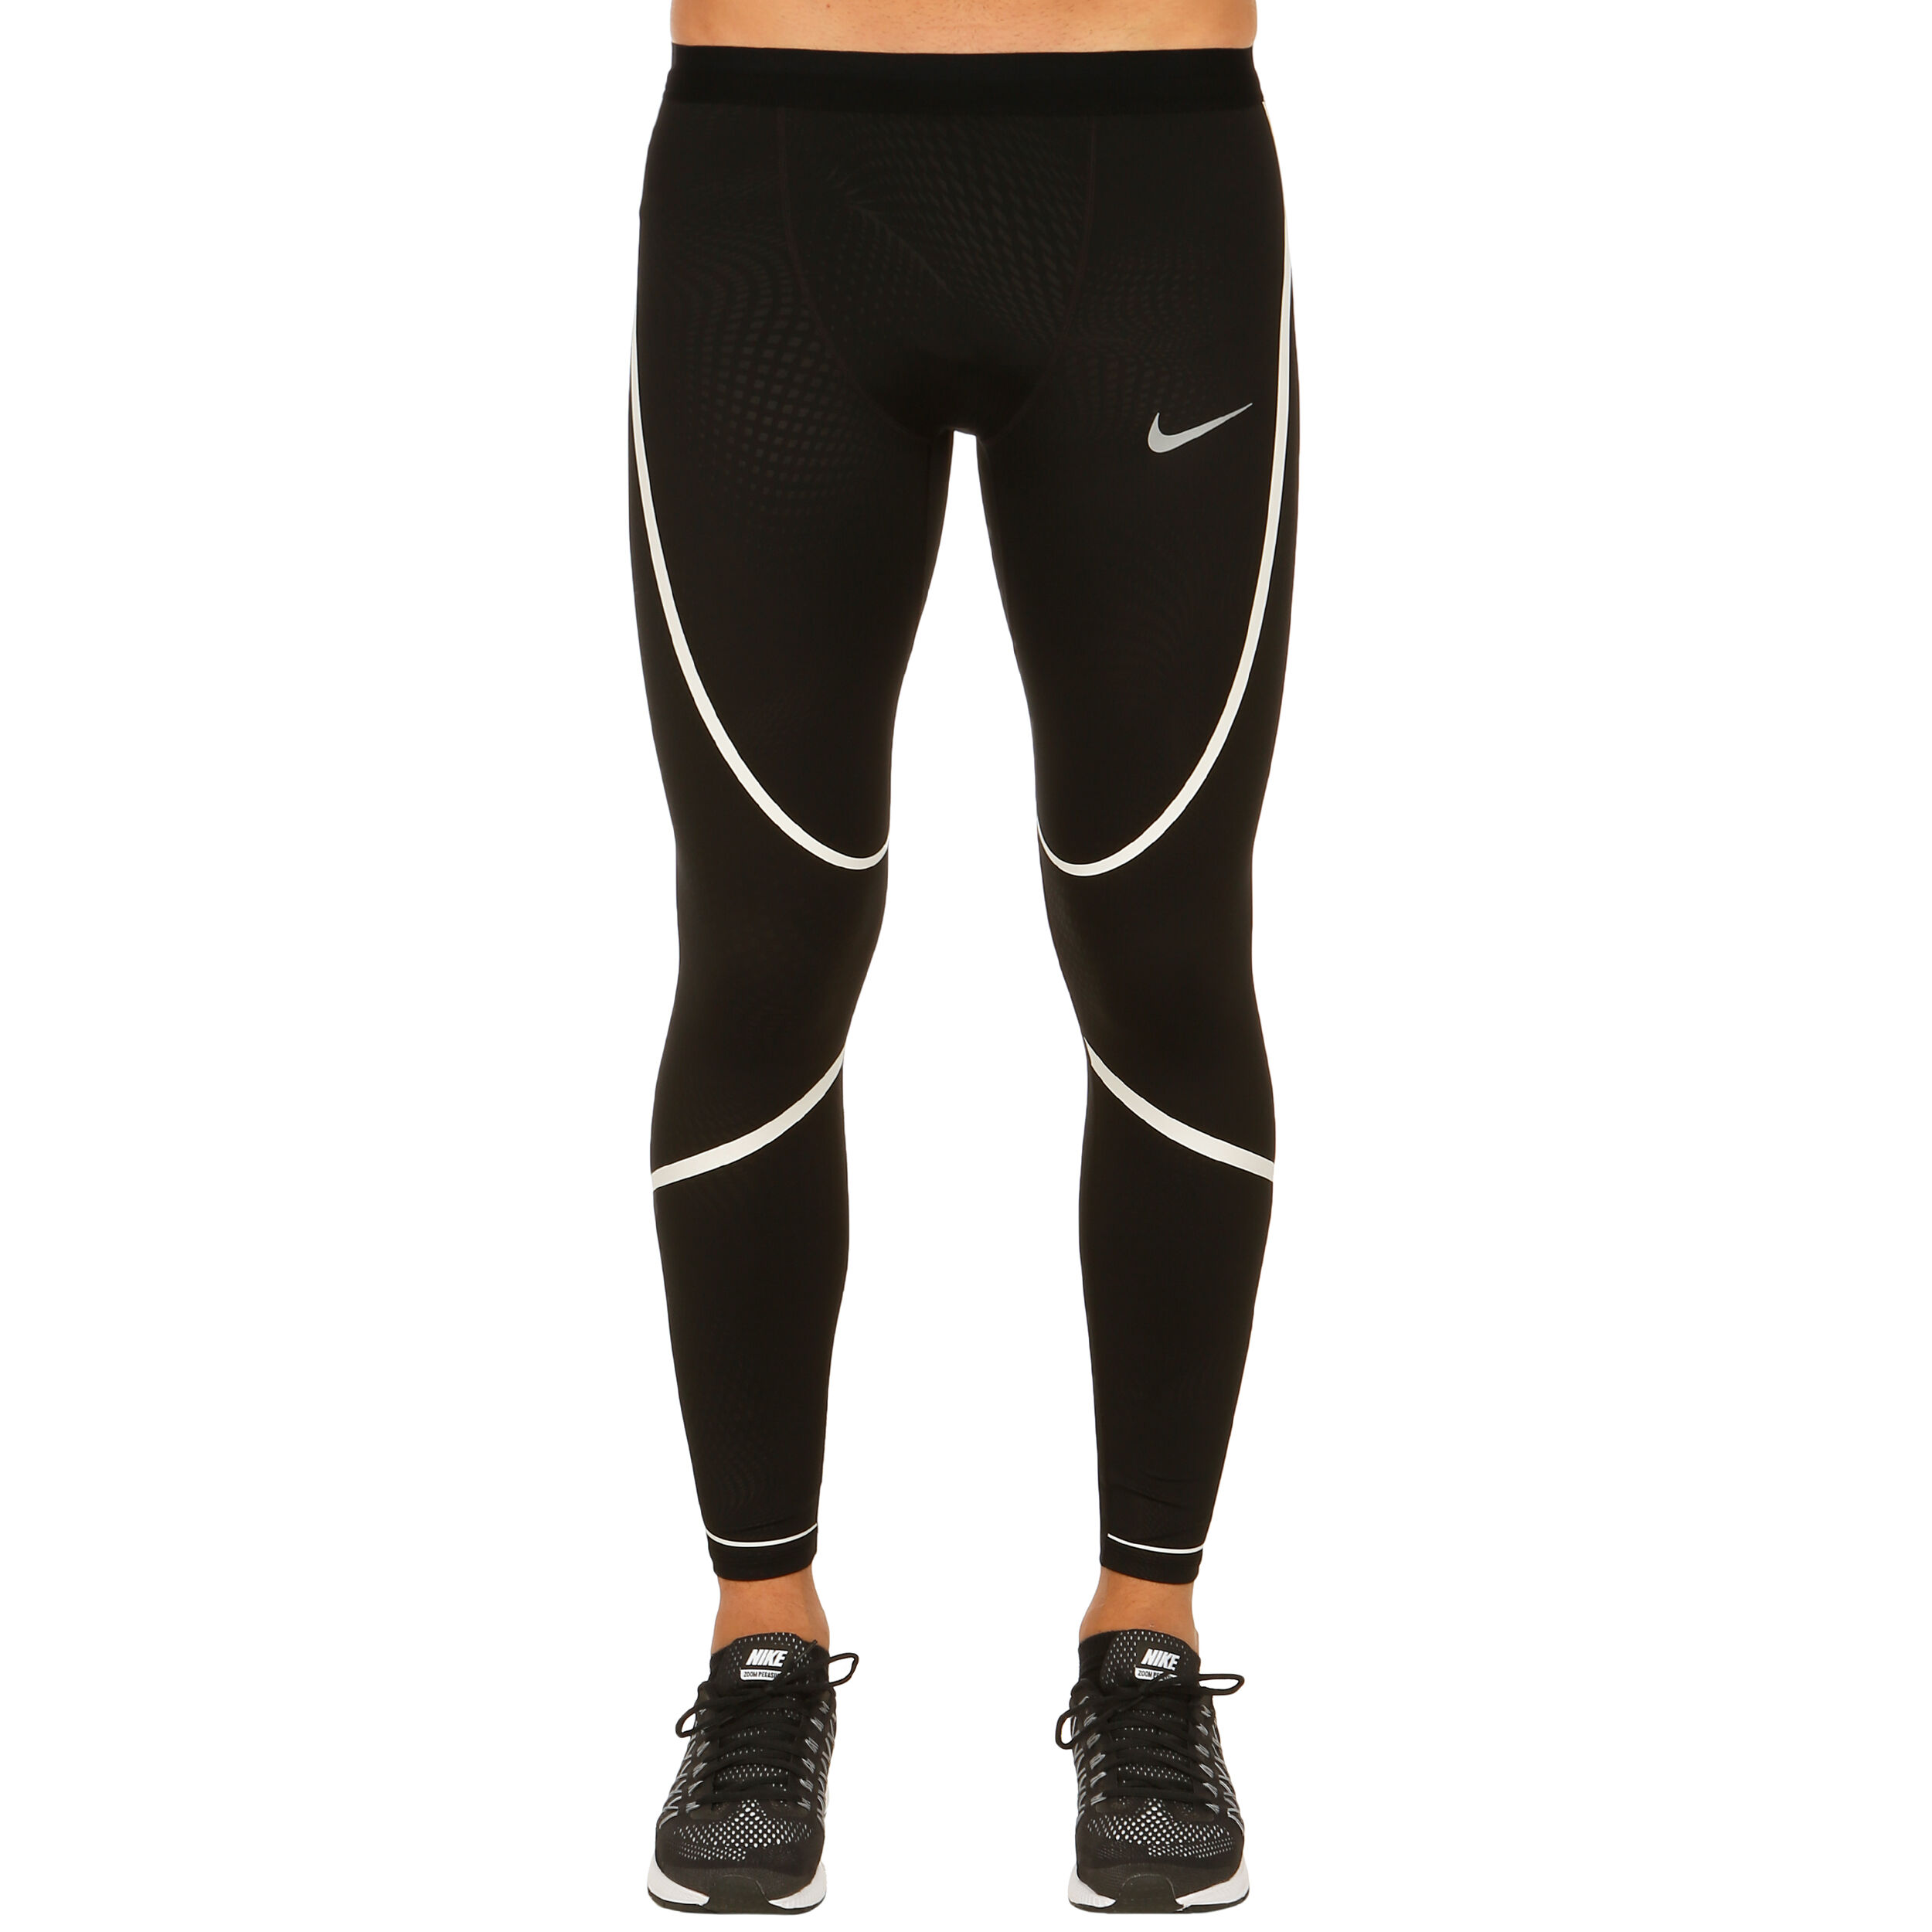 Nike Power Tech Tight Herren Schwarz, Weiß online kaufen